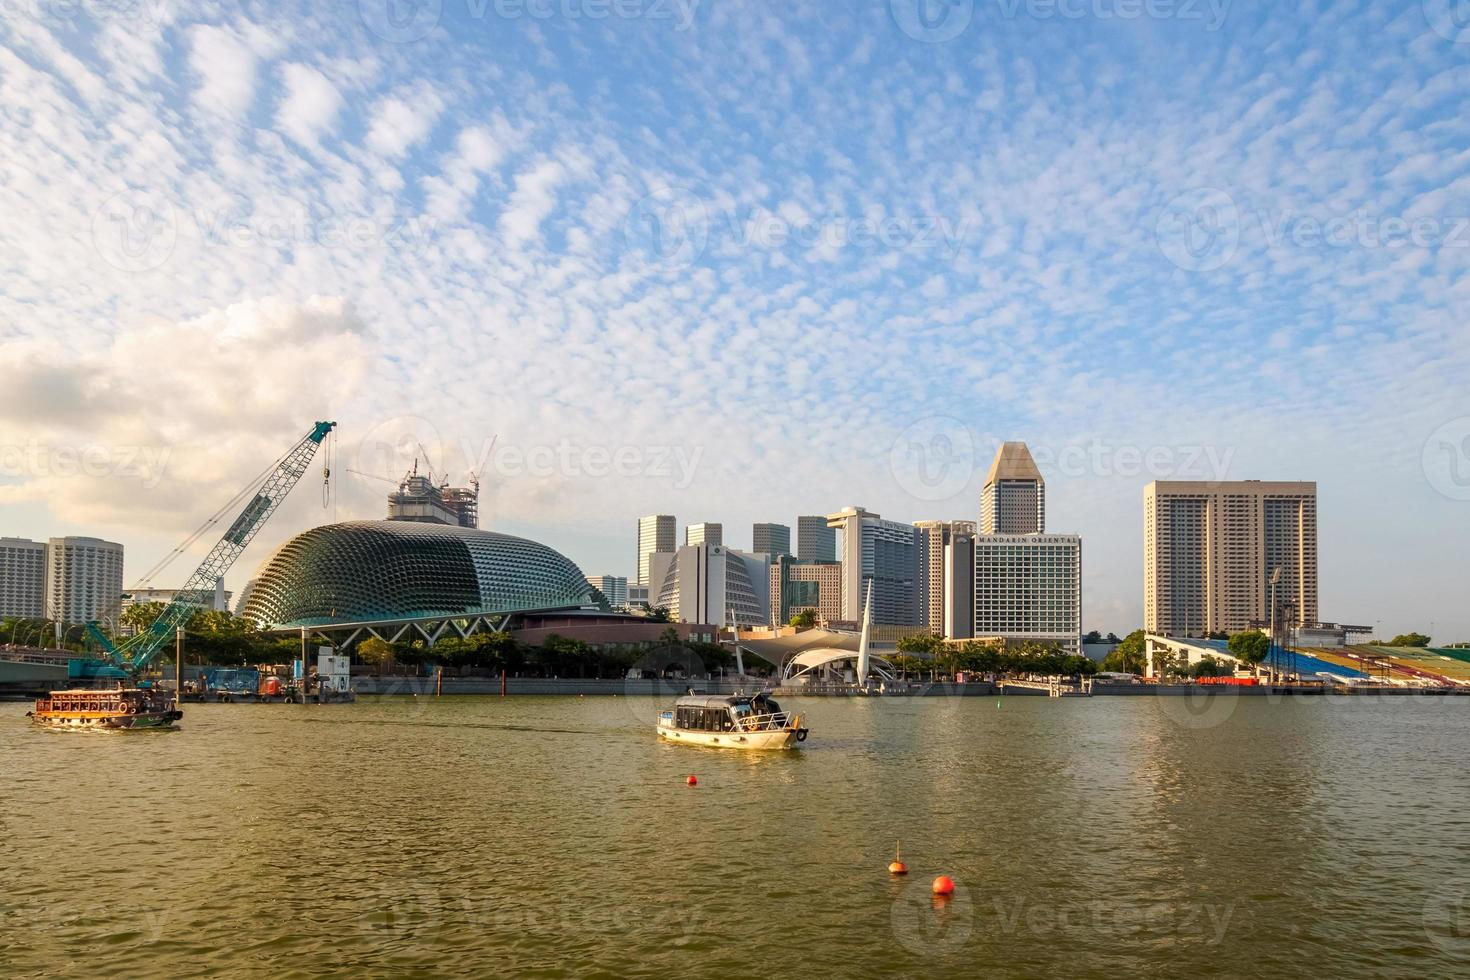 Singapur - 20. Juni 2014: Gebäude in der Skyline von Singapur foto